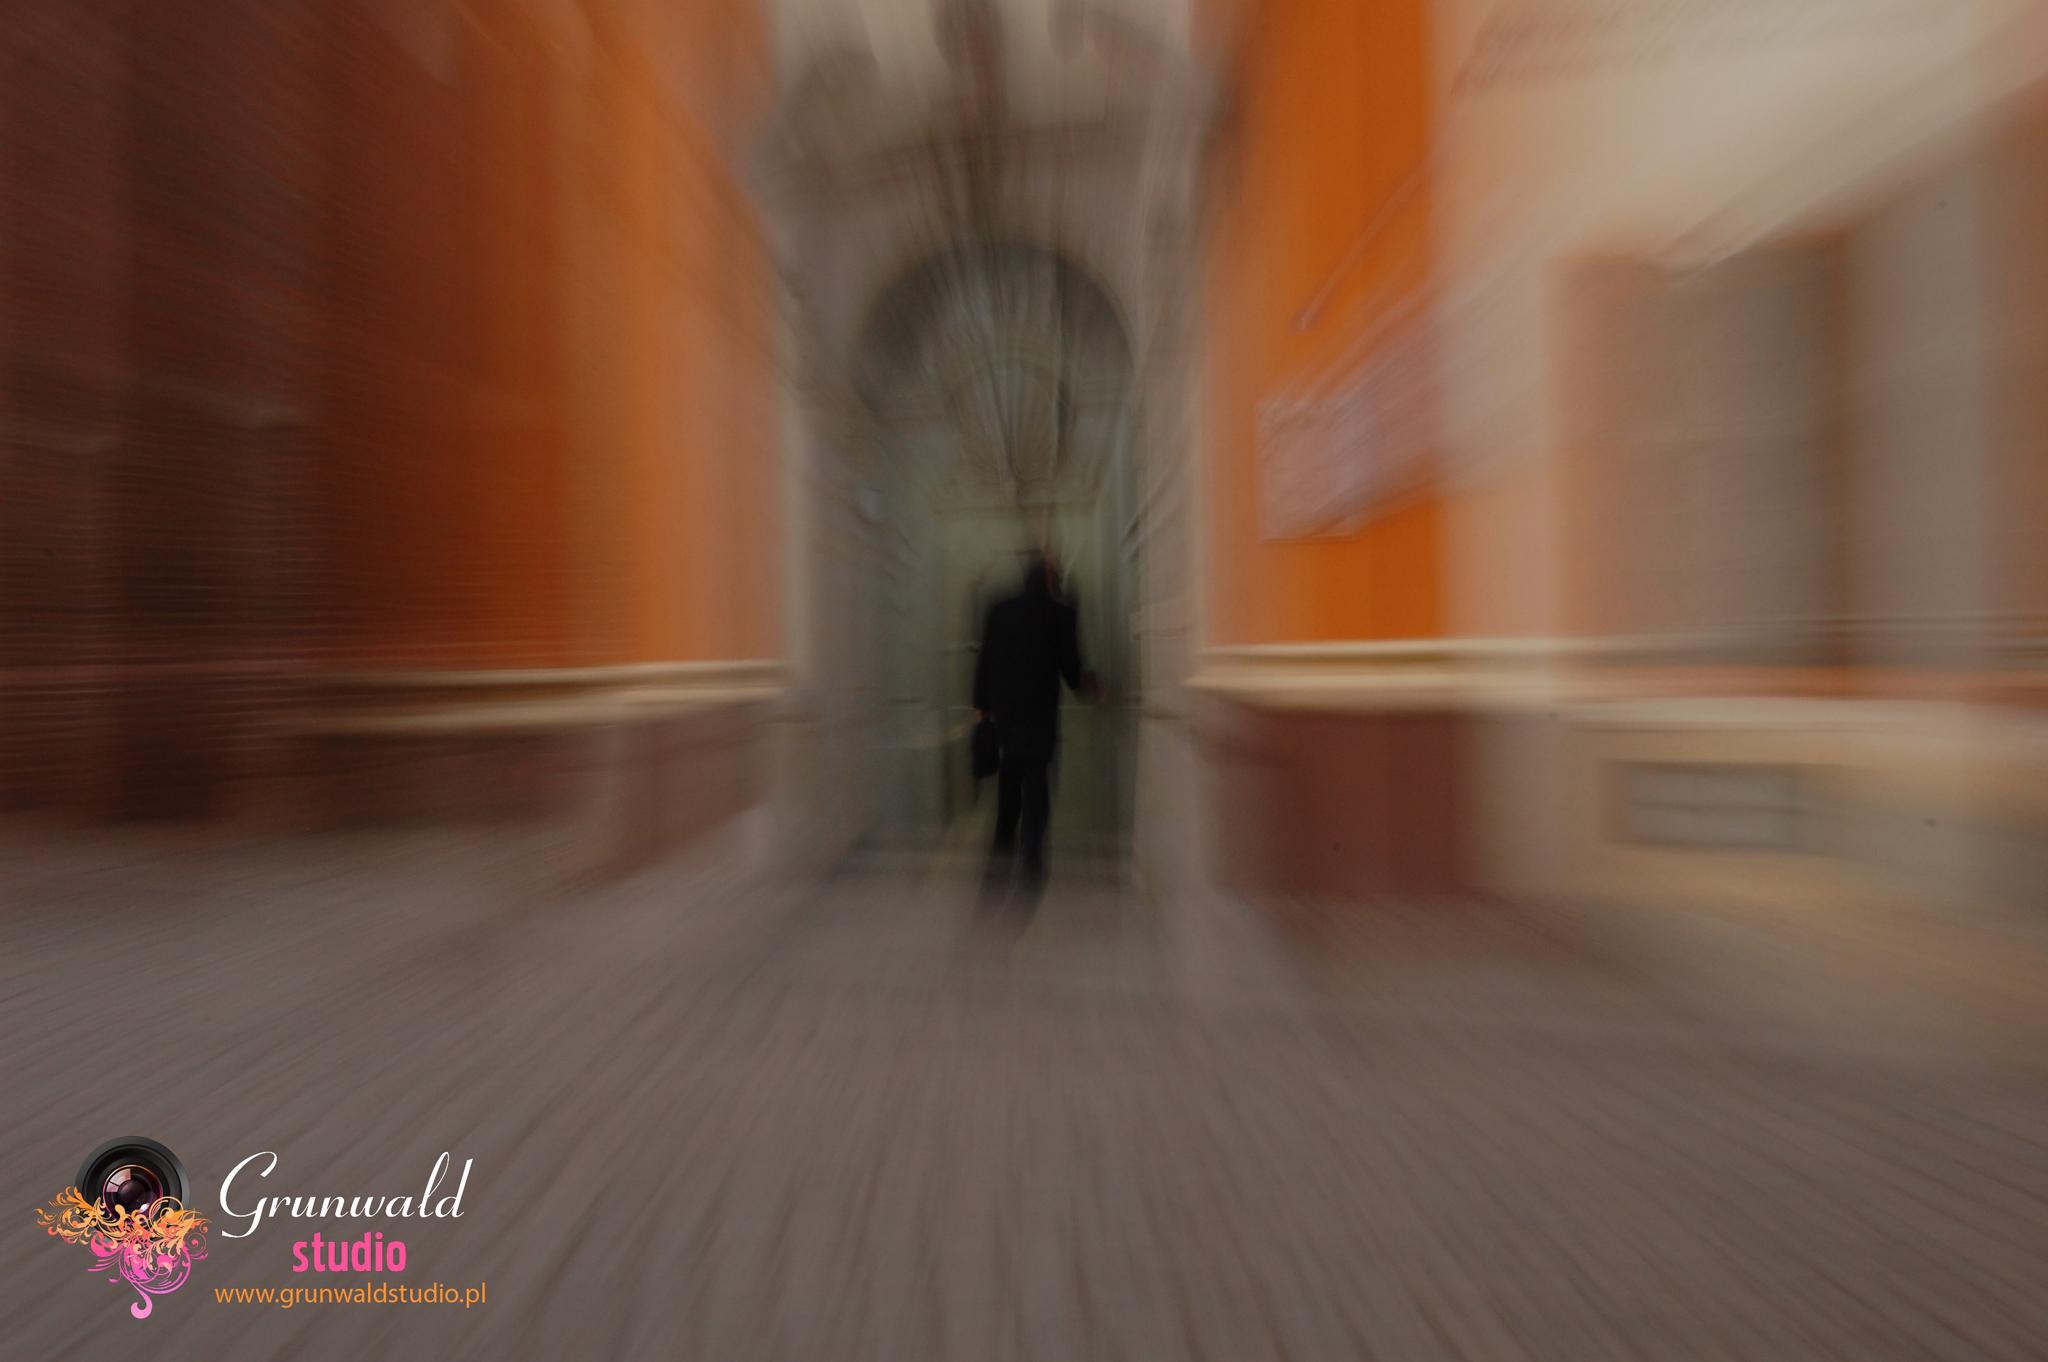 Kurs Fotograficzny Wrocław z Grunwald Studio Grudzień 9